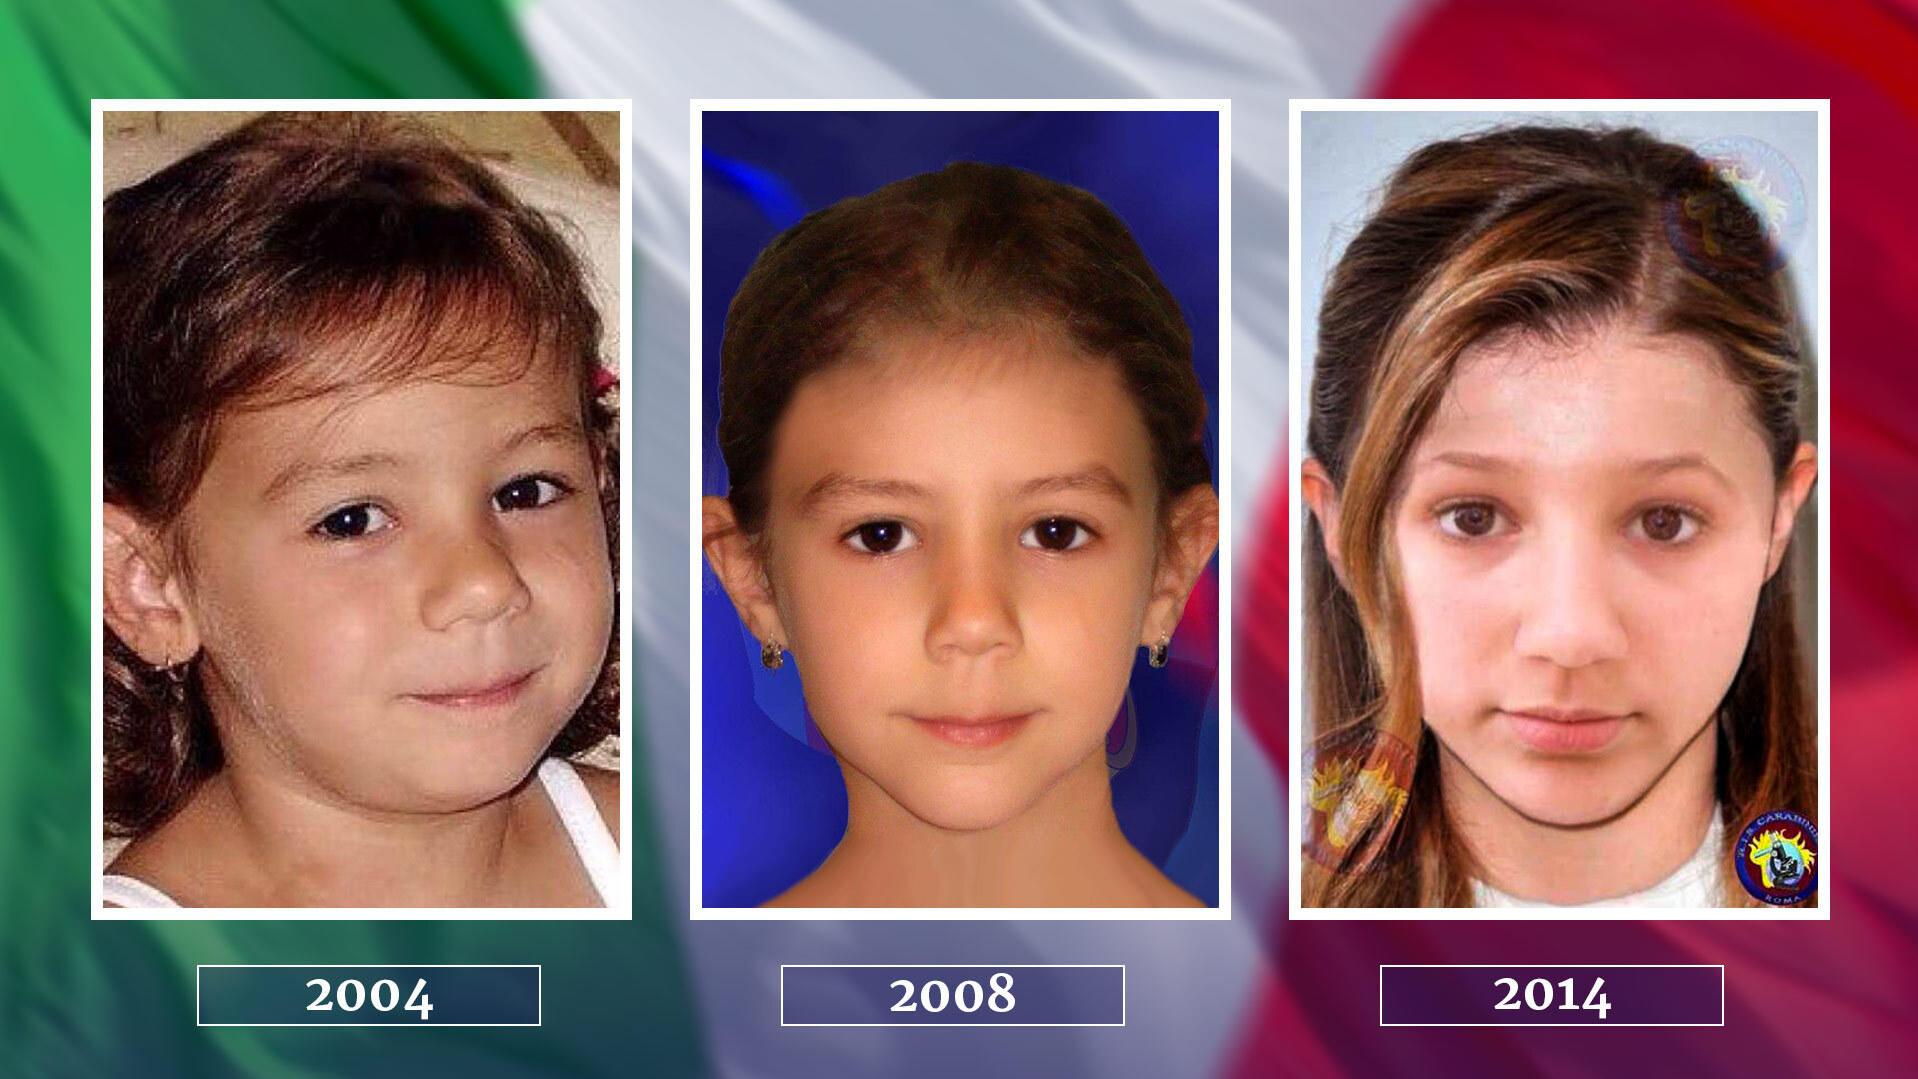 Denise Pipitone gilt als italienische Maddie McCann: Dreijährige verschwand vor Haustür ihrer Eltern